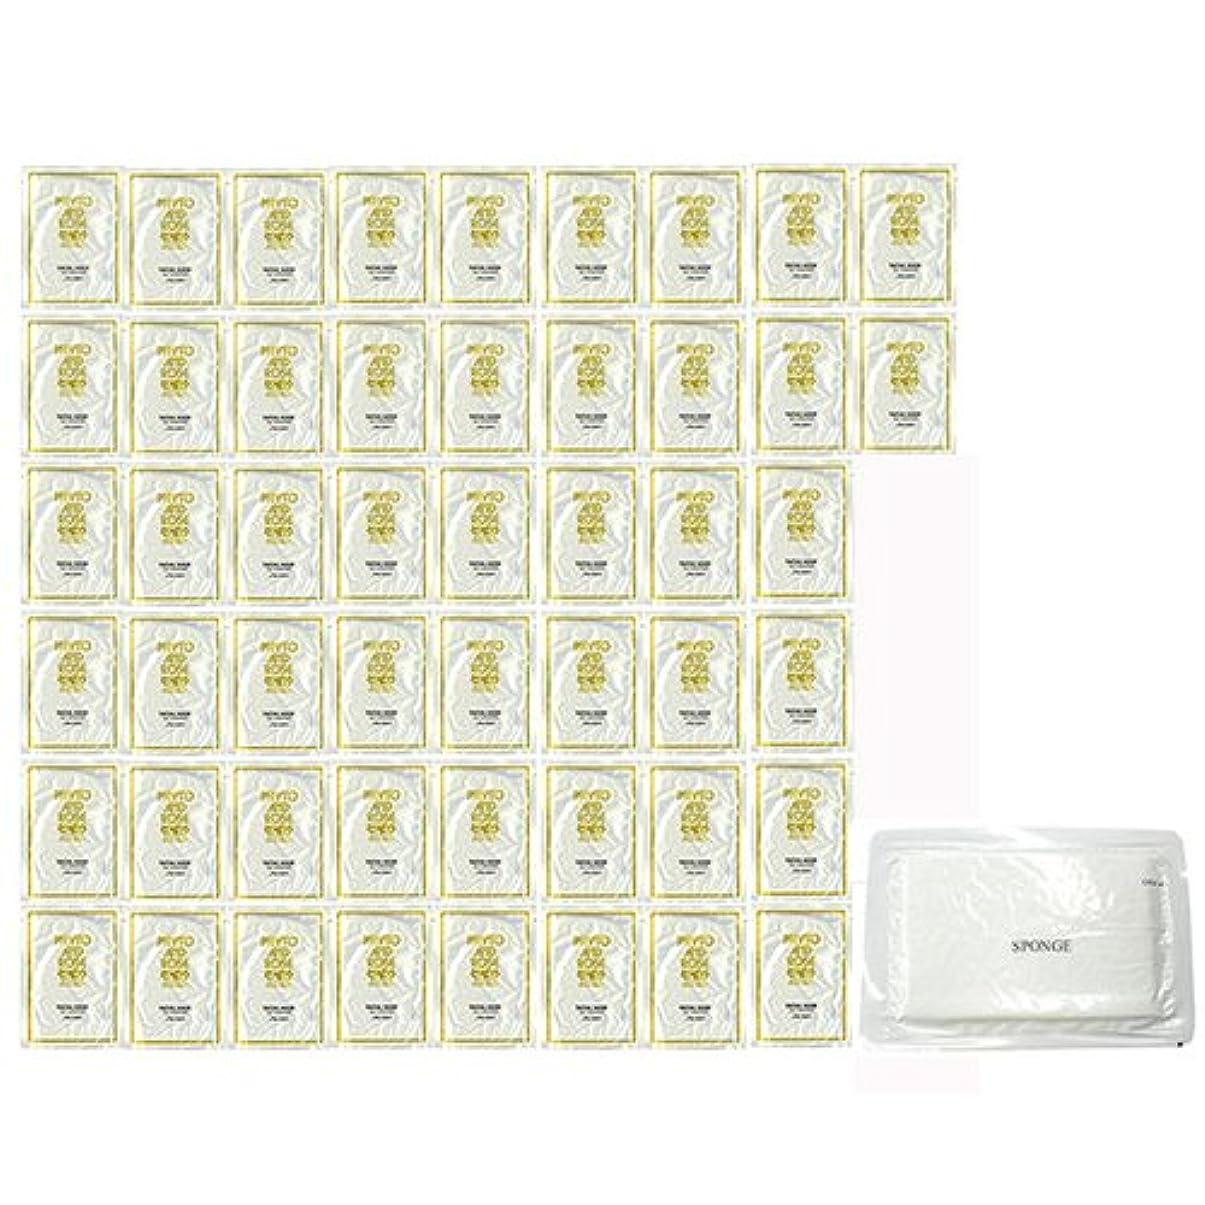 ビスケット崇拝するファックス資生堂 フィト アンド ローズ パウチ ハンドアンドボディミルク 10ml × 50個 + 圧縮スポンジセット